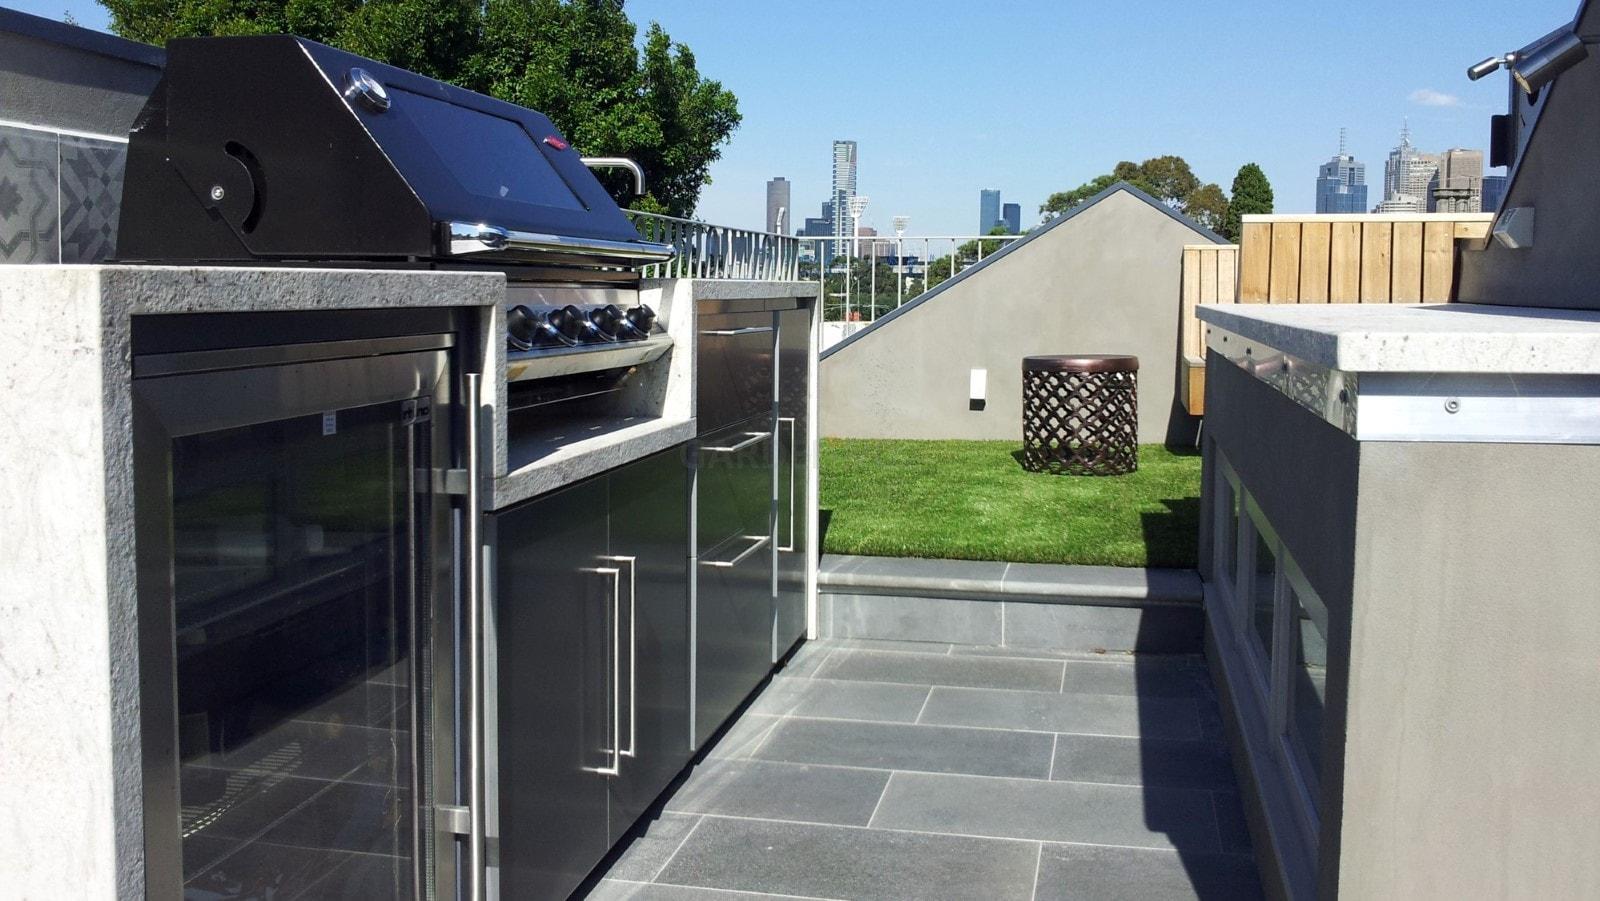 Einbau Gasgrill Outdoor Küche : Broilchef proseries bc sb einbaugasgrill